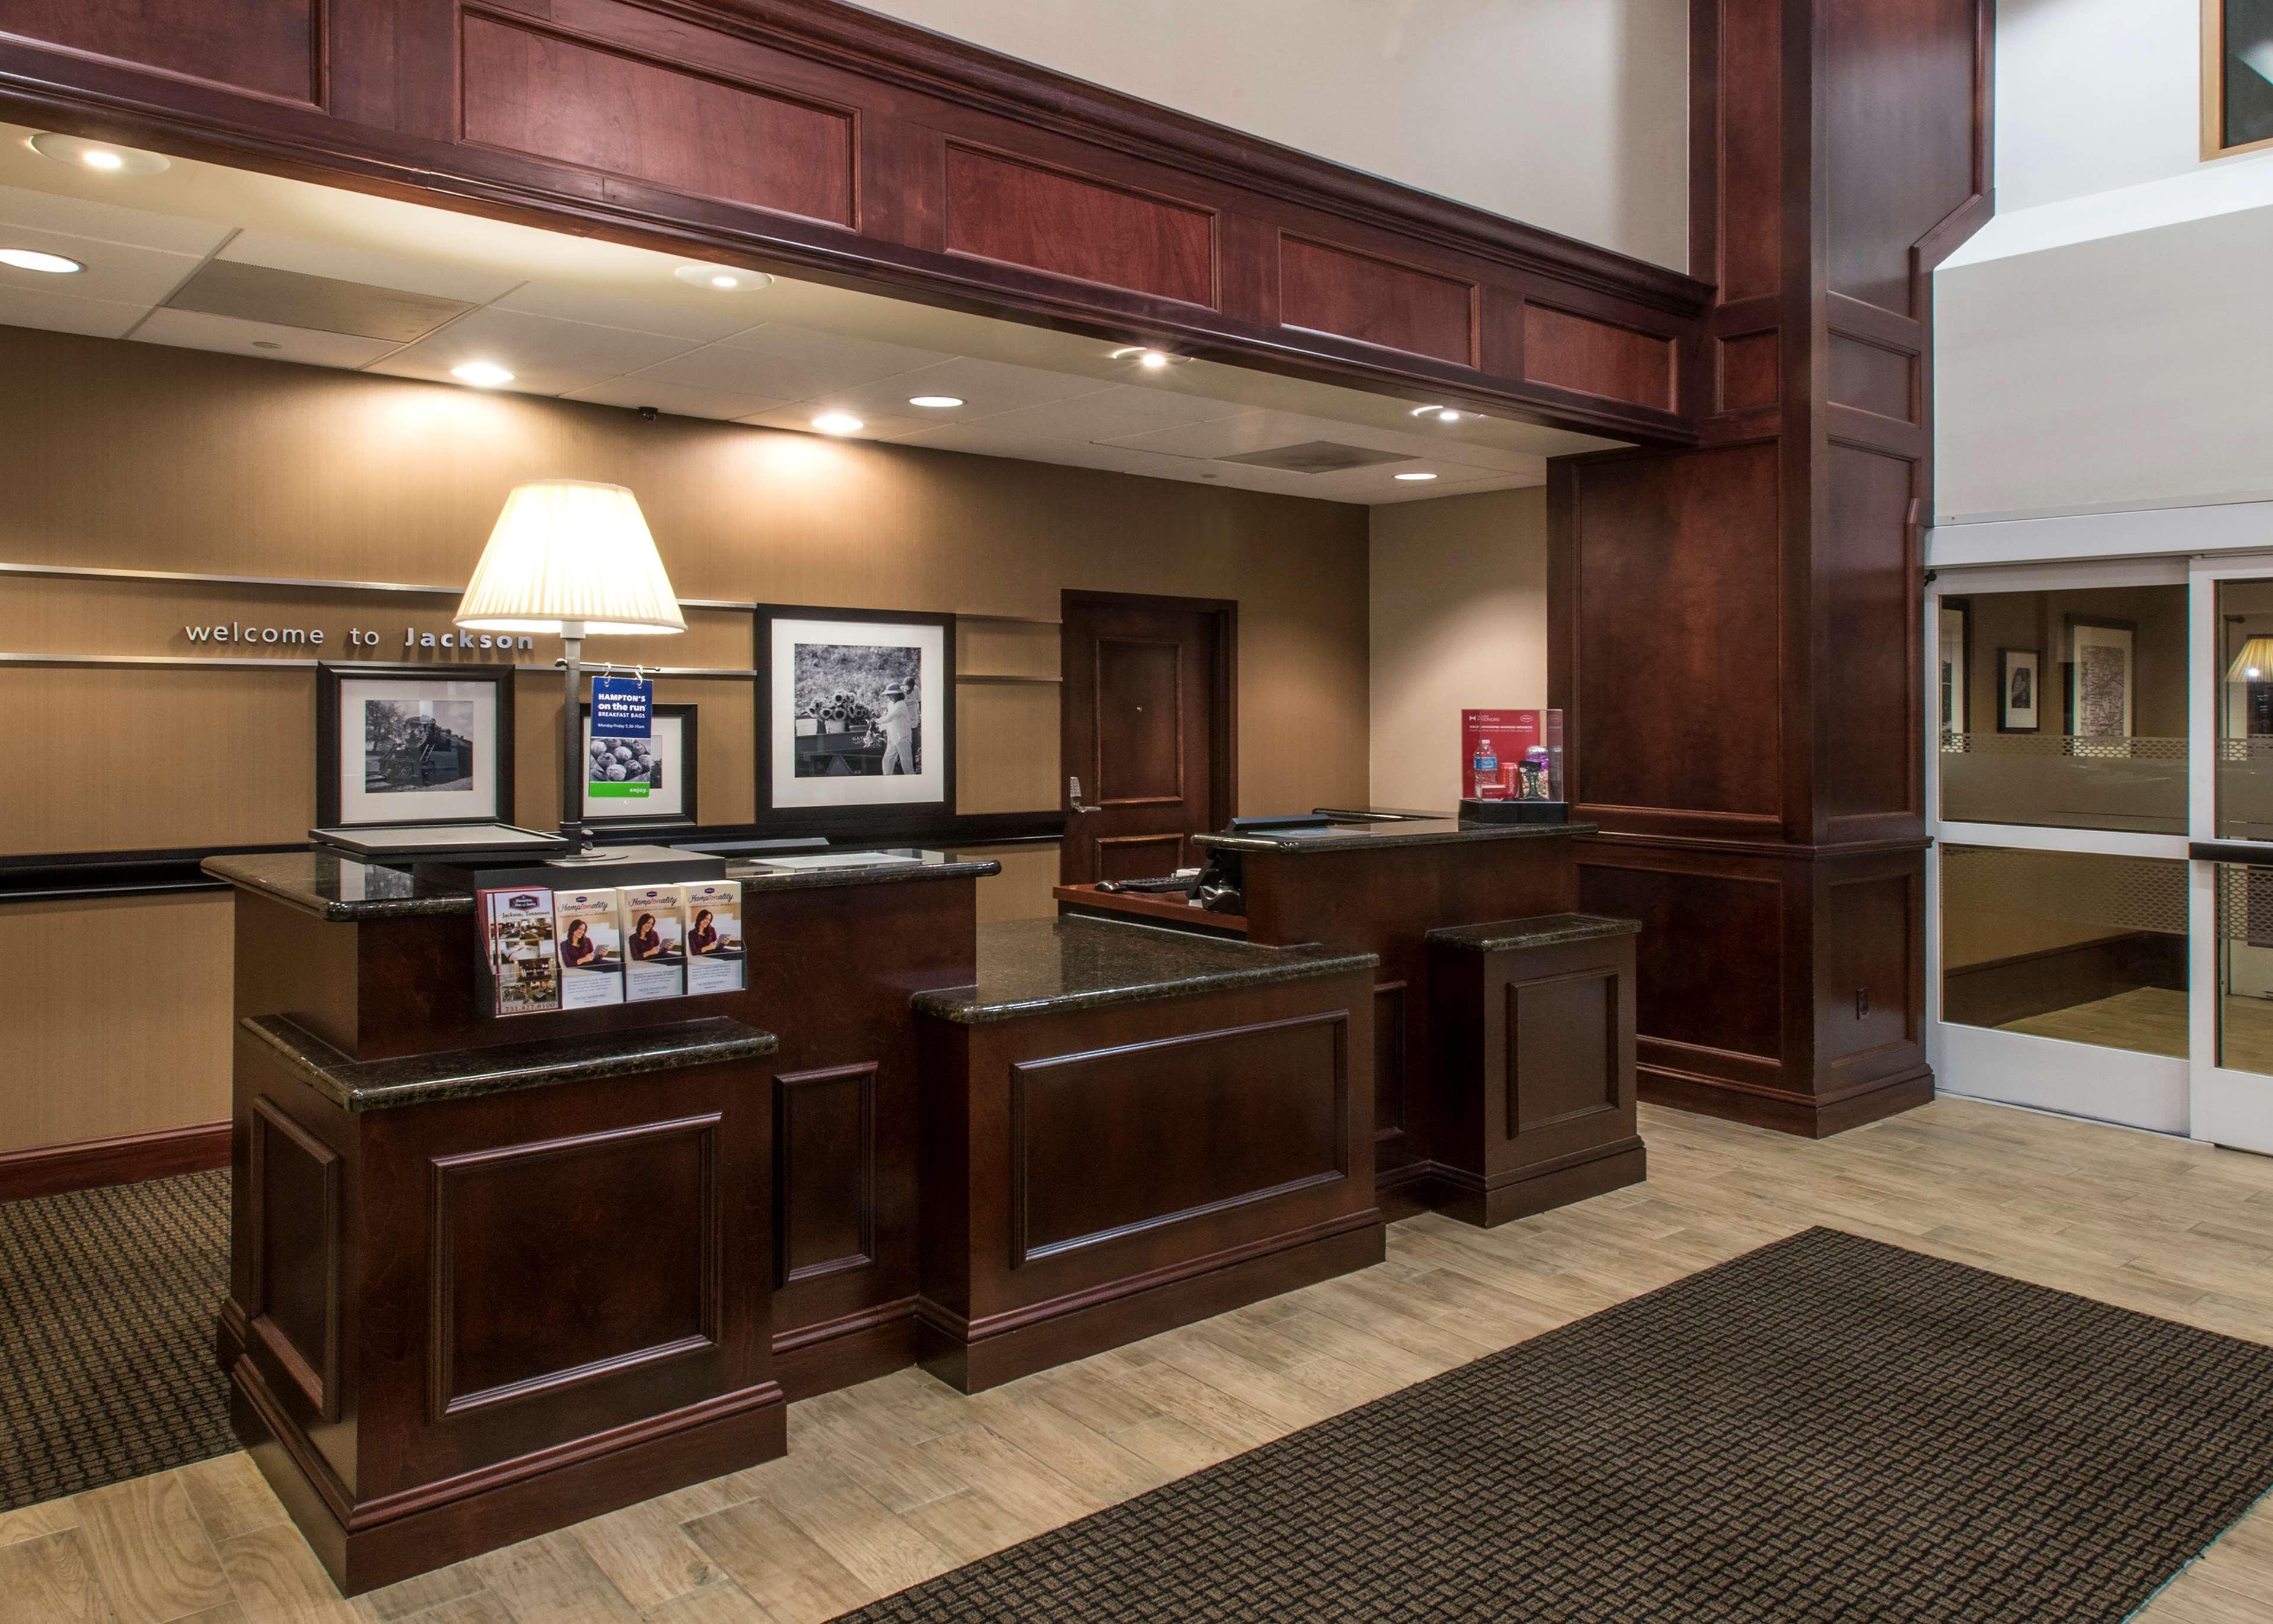 Hampton Inn & Suites Jackson image 8